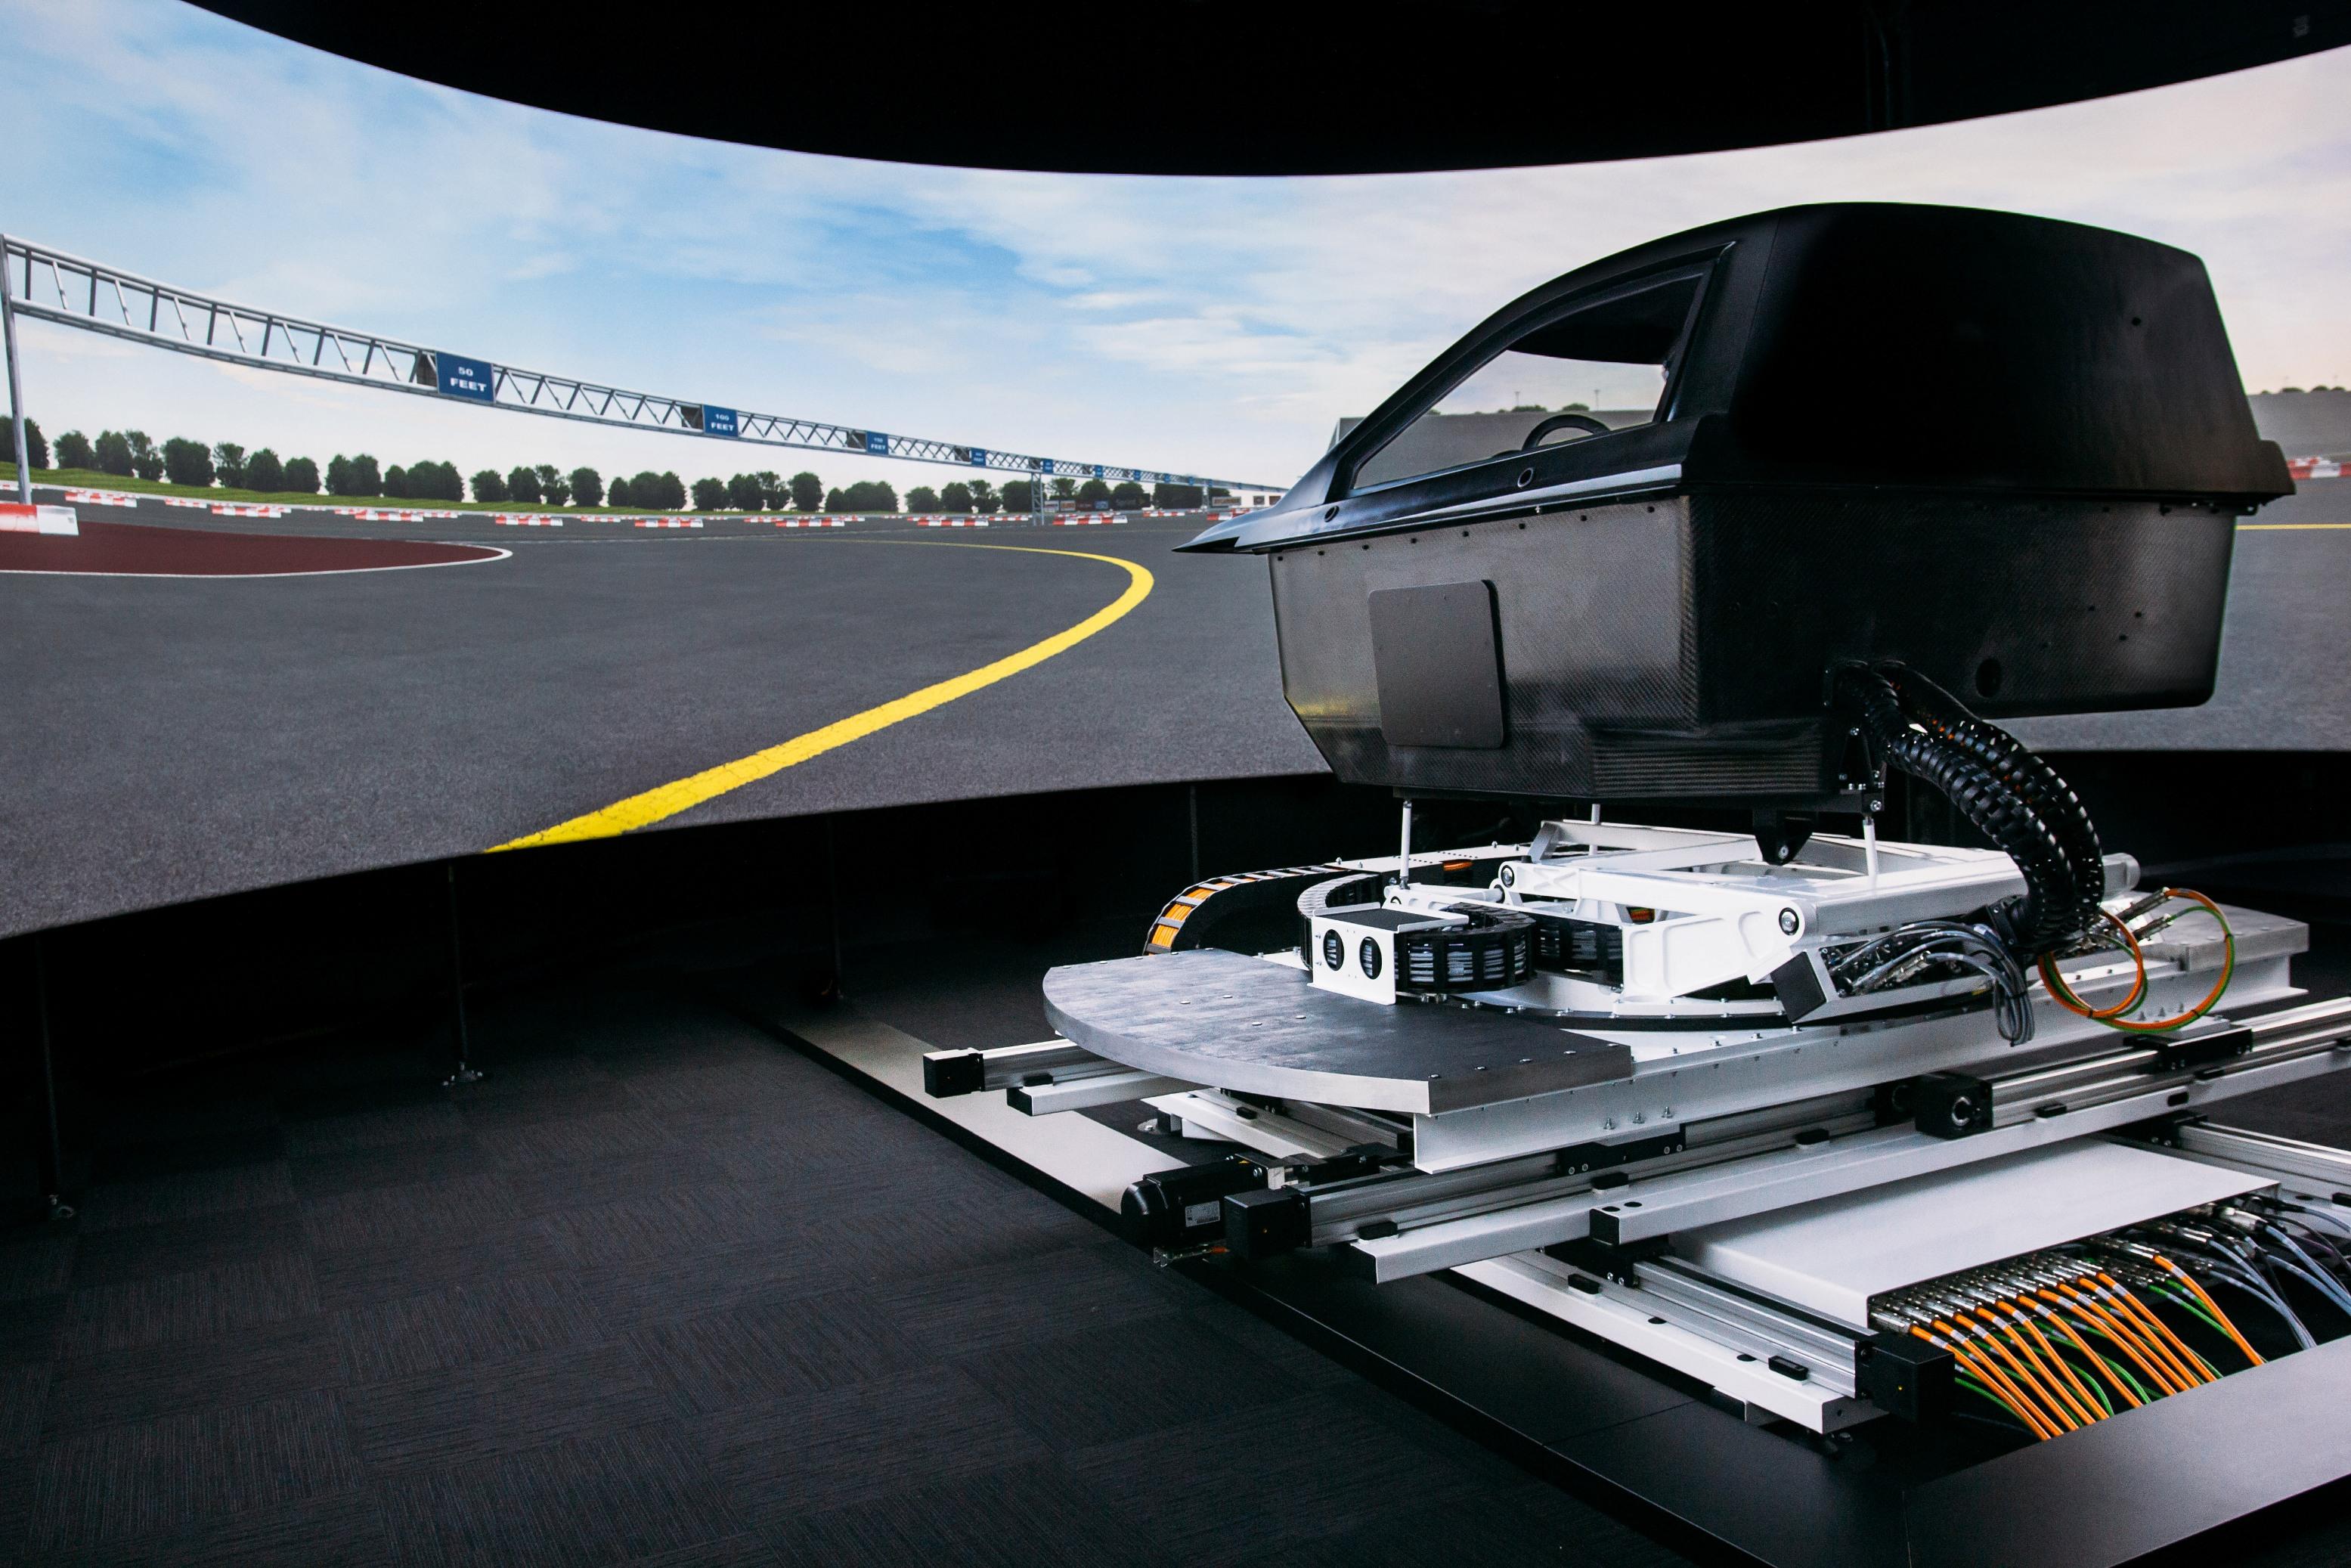 Stratiform platform provides highly responsive motion profile